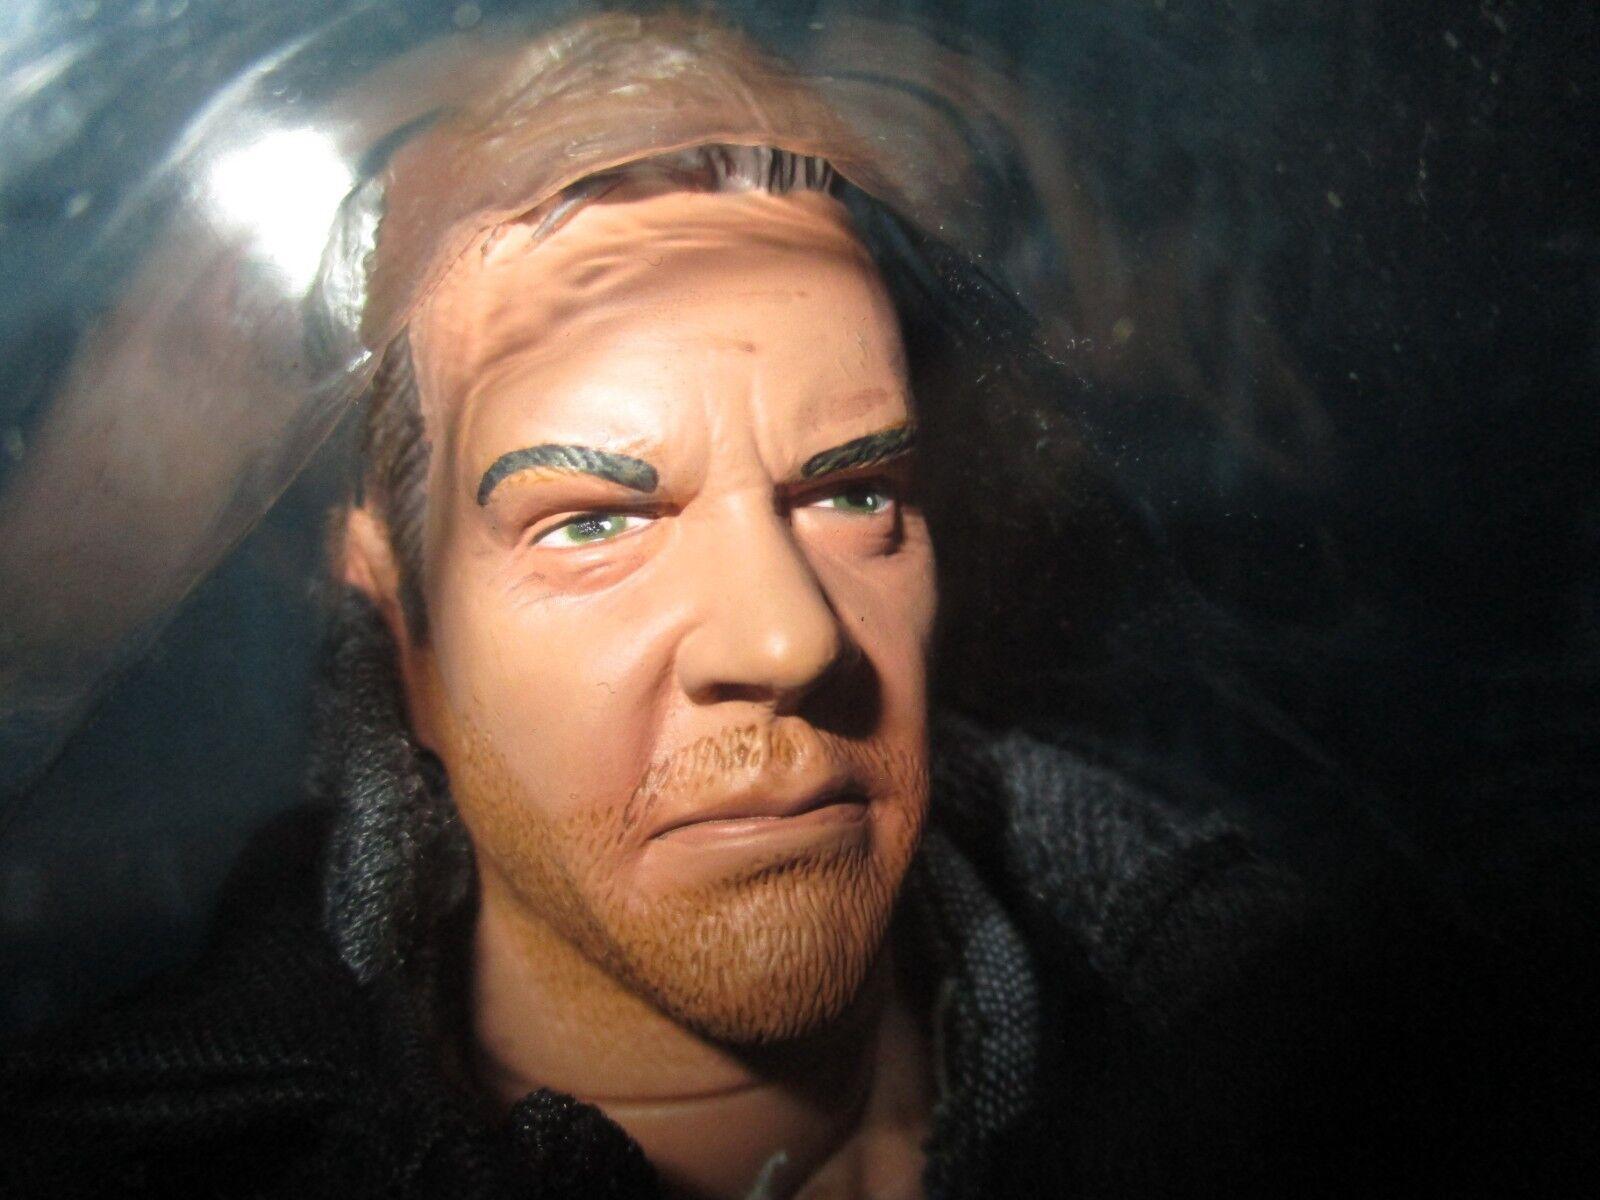 Jack Bauer-Grand Modell Articulé-24 Stunden Chrono-30cm-complet Chrono-30cm-complet Chrono-30cm-complet Zubehörset be4f8e